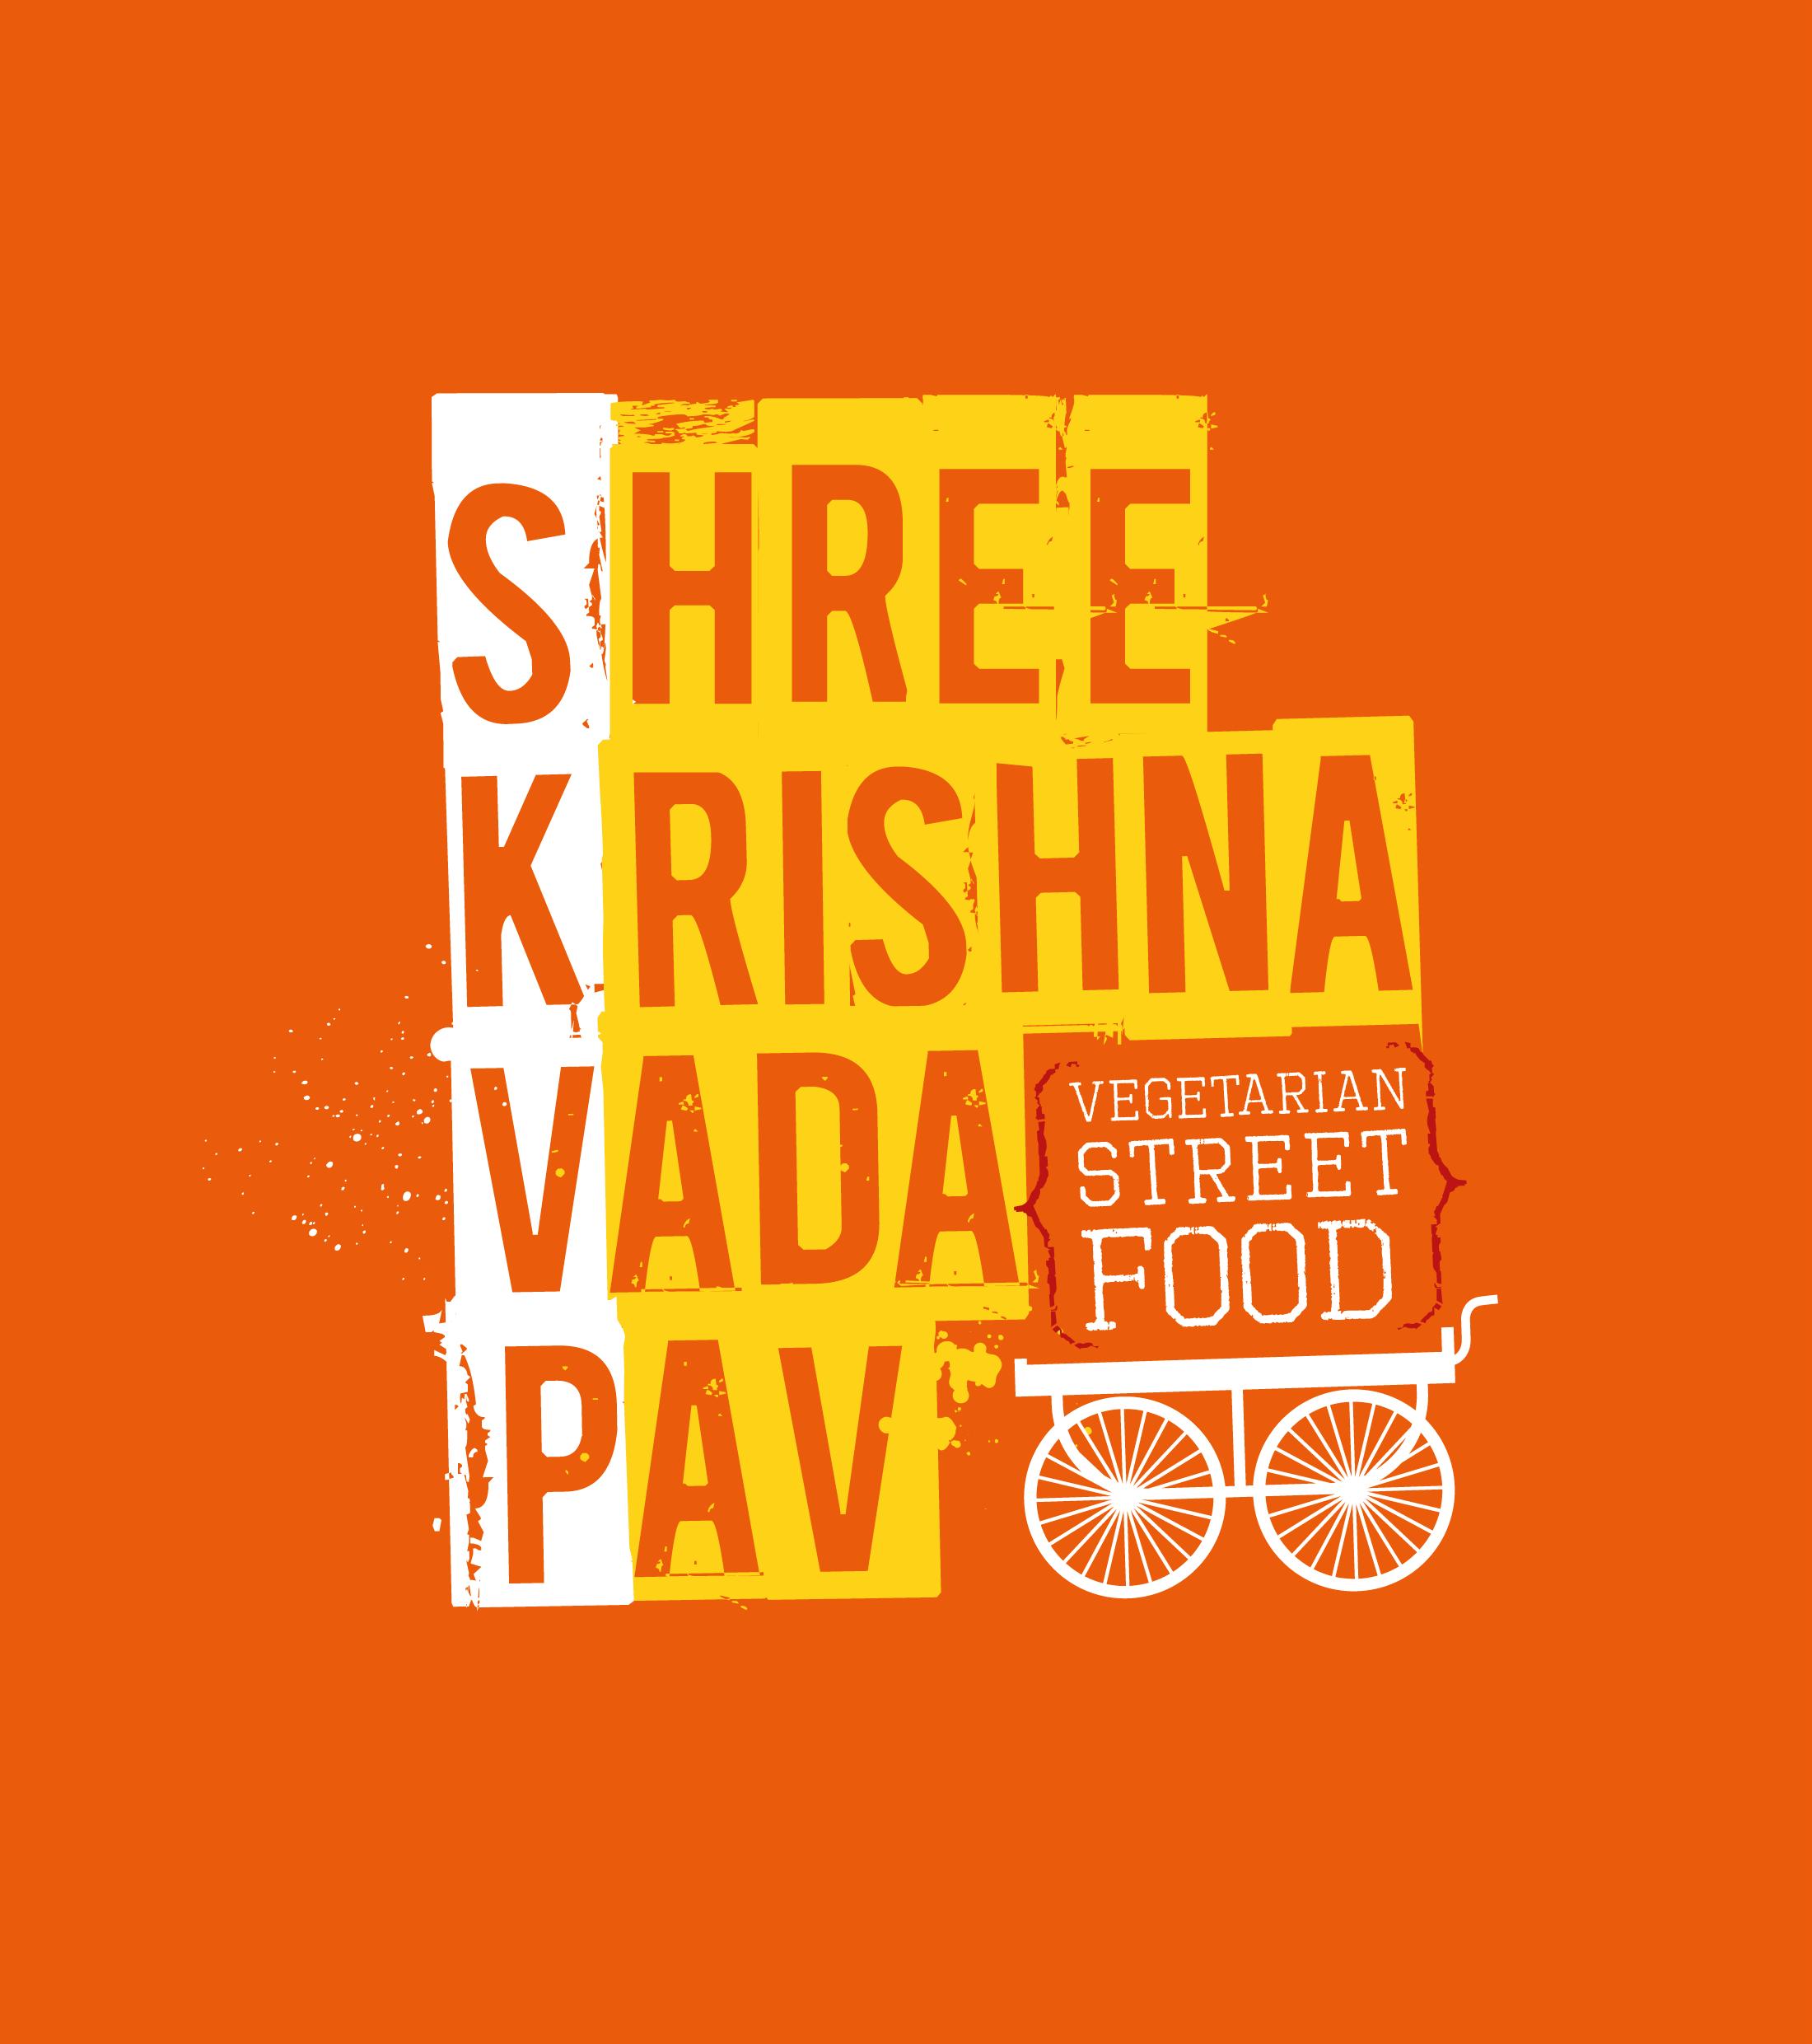 Shree Krishna Vada Pav logo